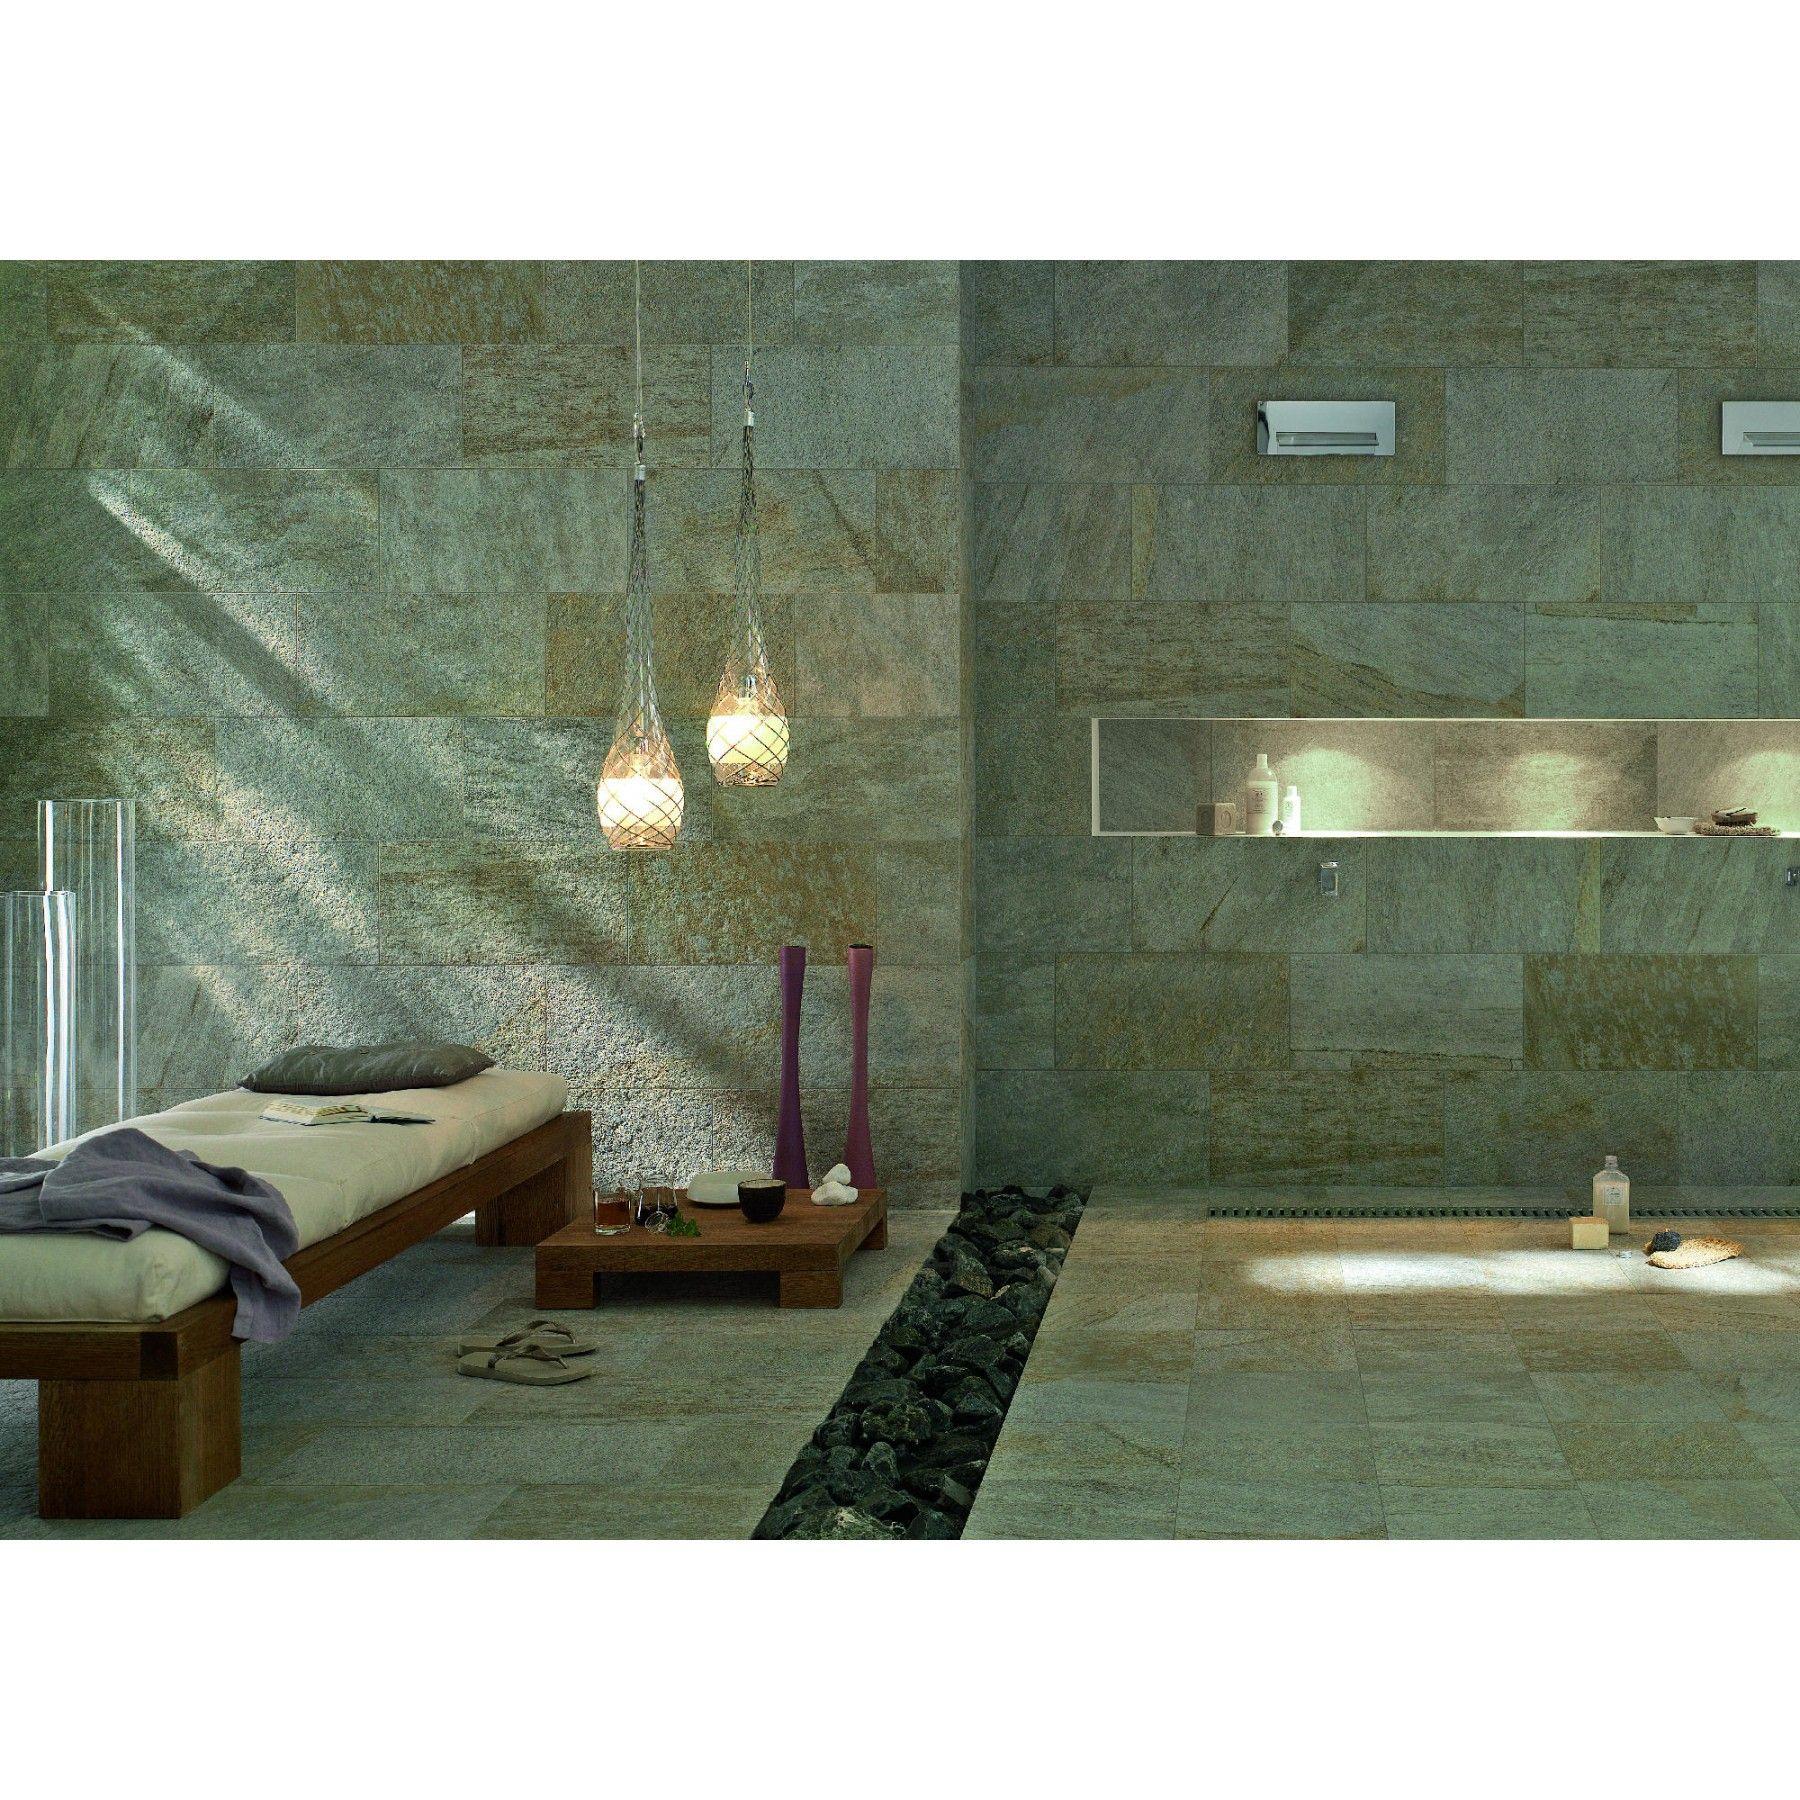 Die Multiquarz Serie Besteht Aus Glasierten Feinsteinzeugplatten Mit Ausgepragter Oberflachenstruktur Und Variab Bodenfliesen Drinnen Bodenbelag Fur Badezimmer